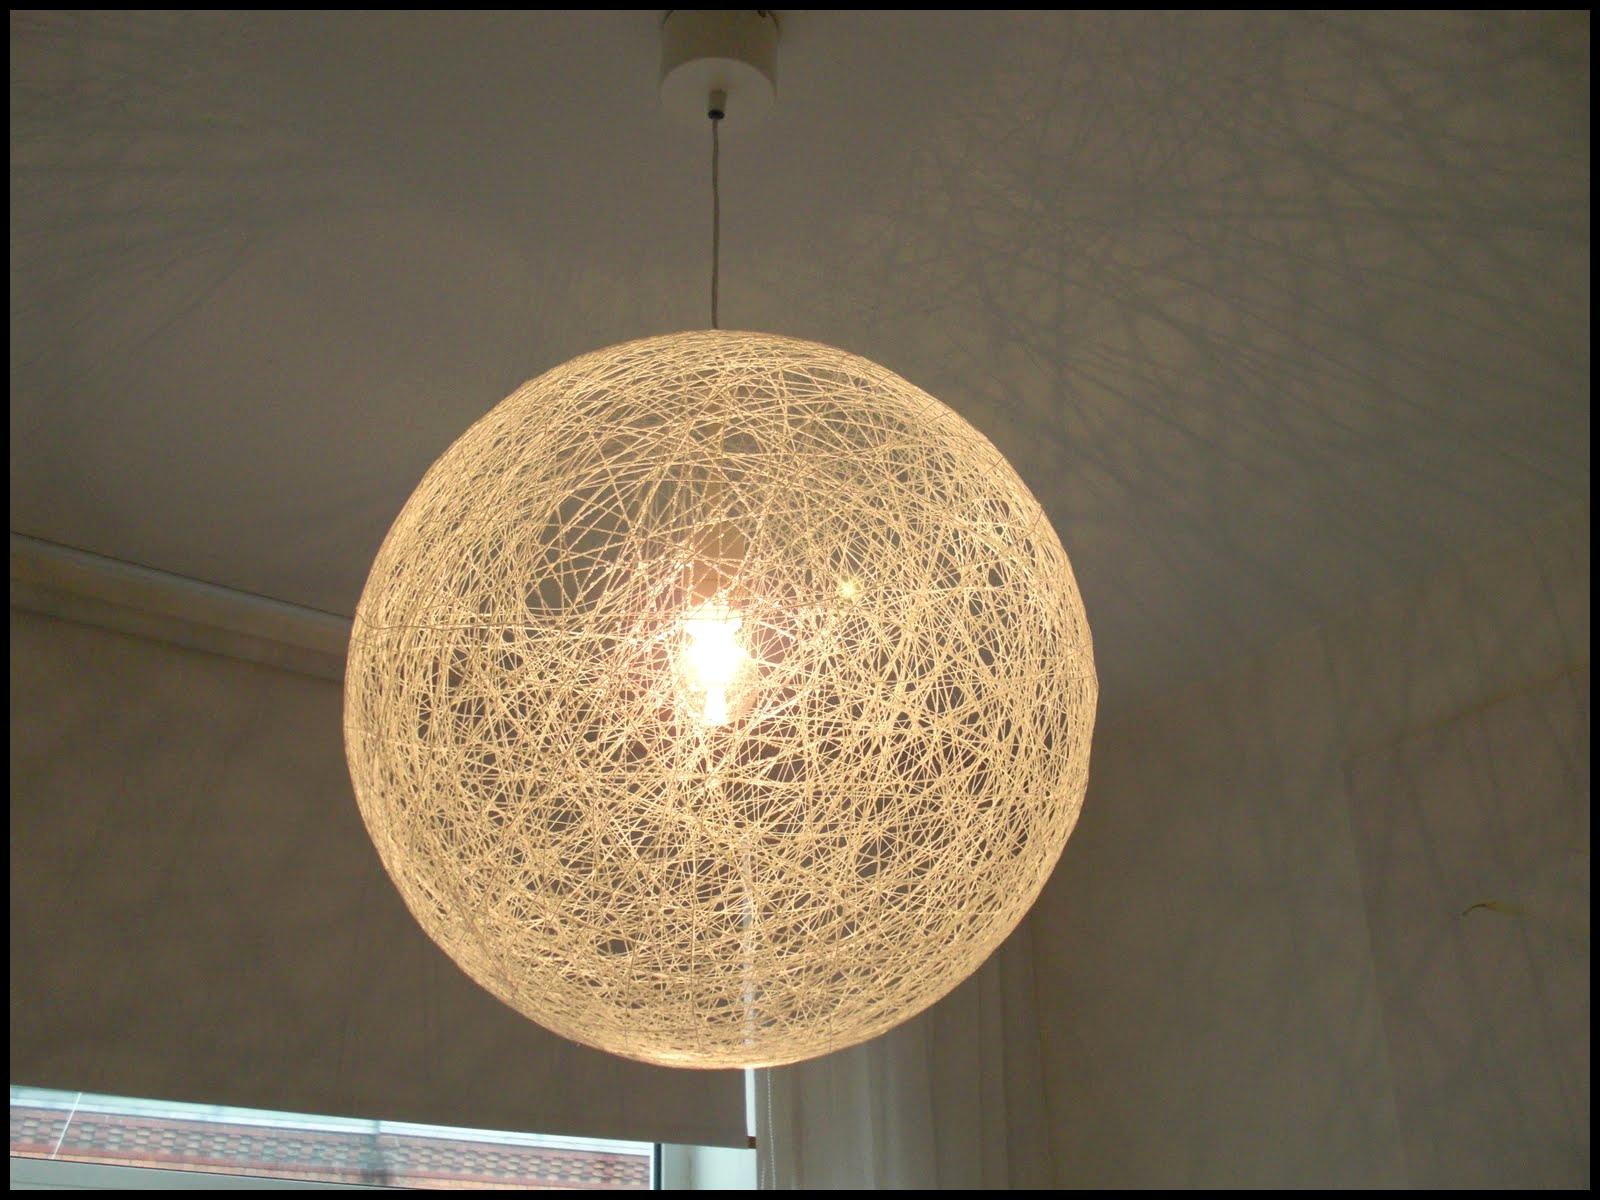 Full Size of Deckenlampe Ikea Schlafzimmer Lampe 96457 Deko Idee Ideen Wandlampe Bad Lampen Küche Kaufen Miniküche Kosten Deckenlampen Wohnzimmer Betten Bei Für 160x200 Wohnzimmer Deckenlampe Ikea